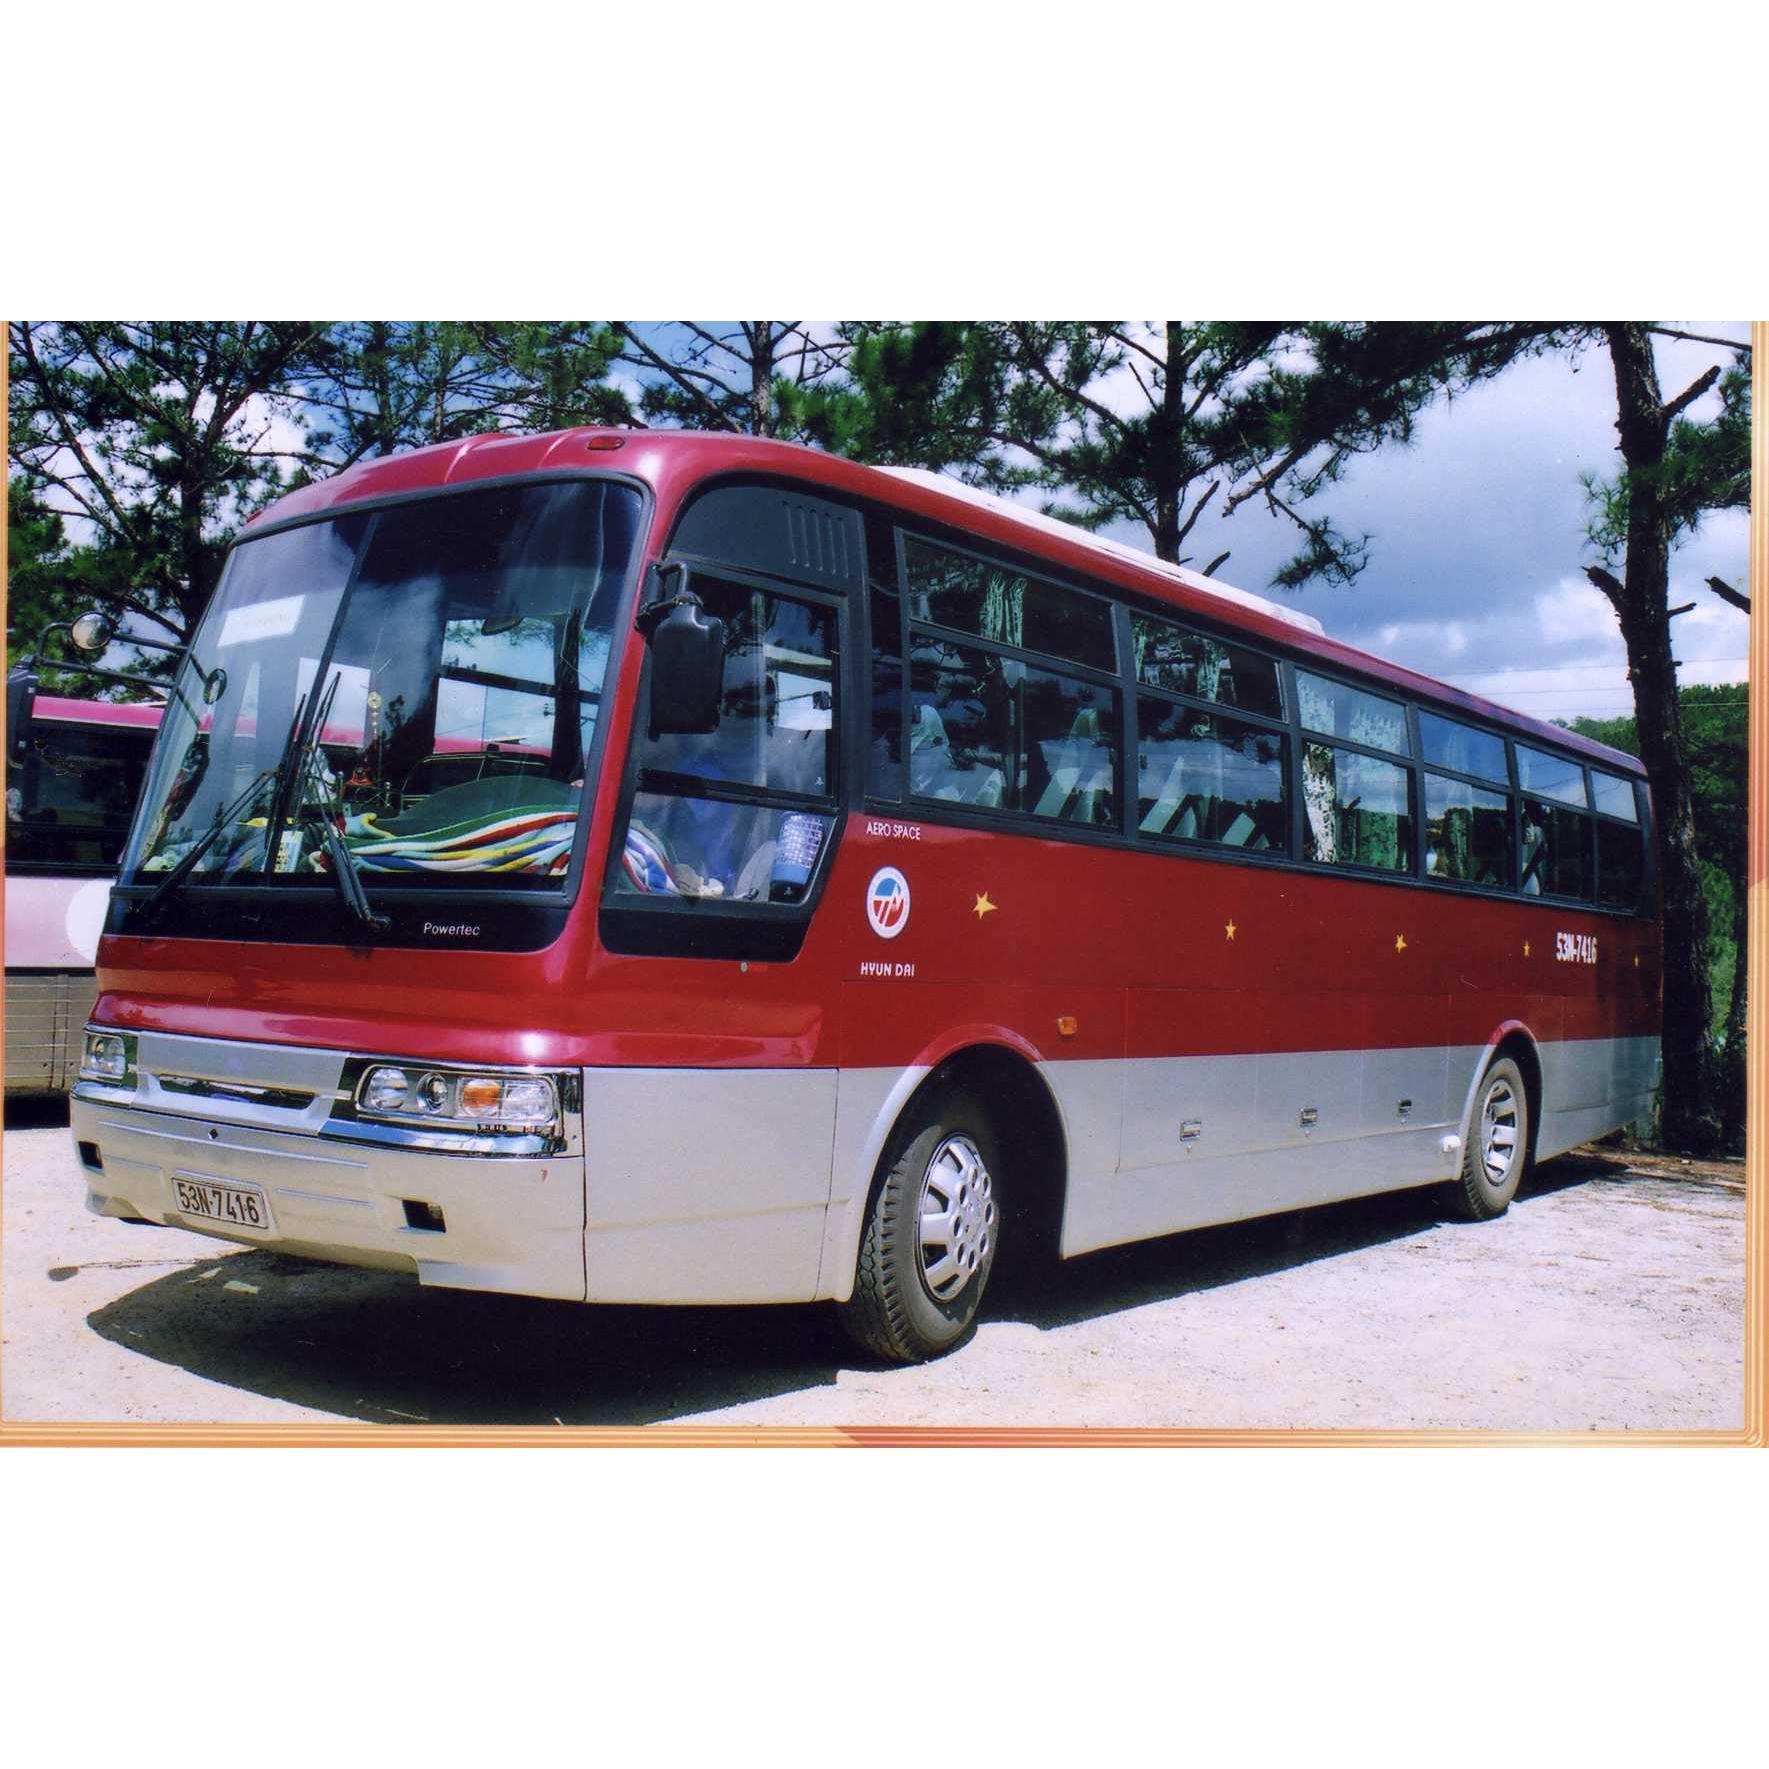 Cho thuê xe du lịch quận 6 Hồ Chí Minh